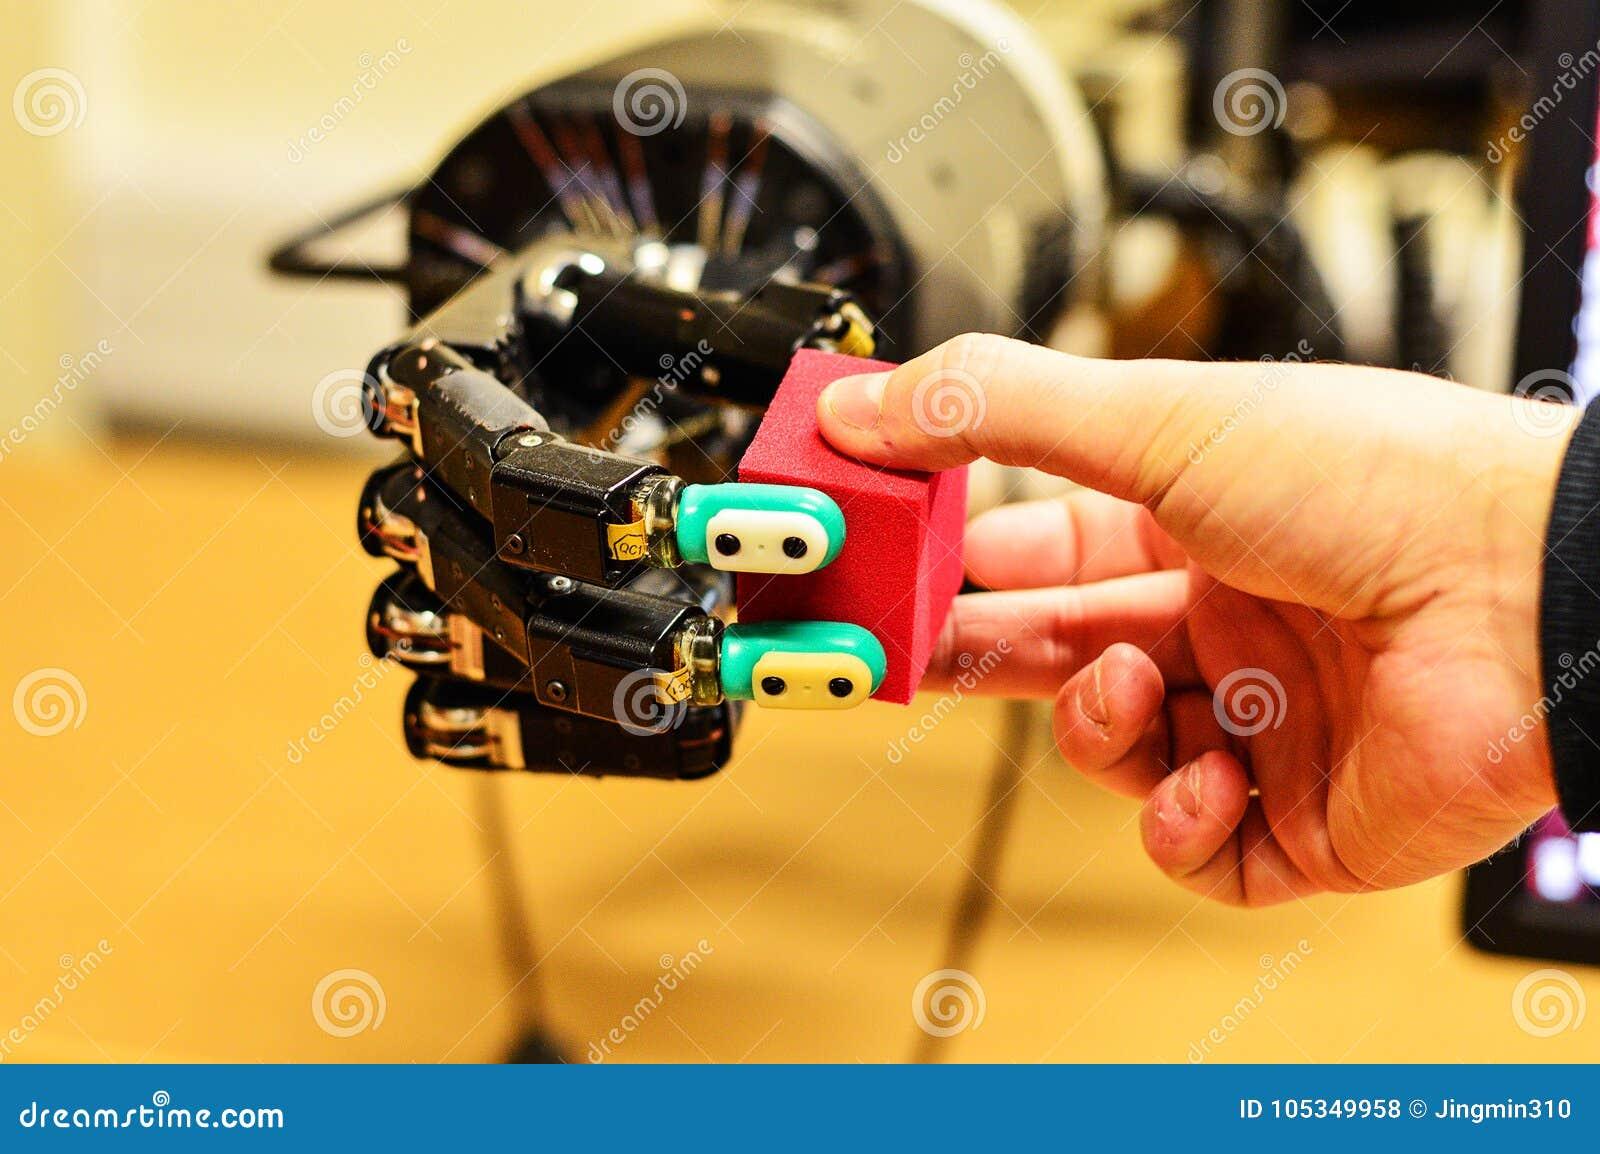 Uomo e mano meccanica che tengono un cubo rosso nel laboratorio di ricerca